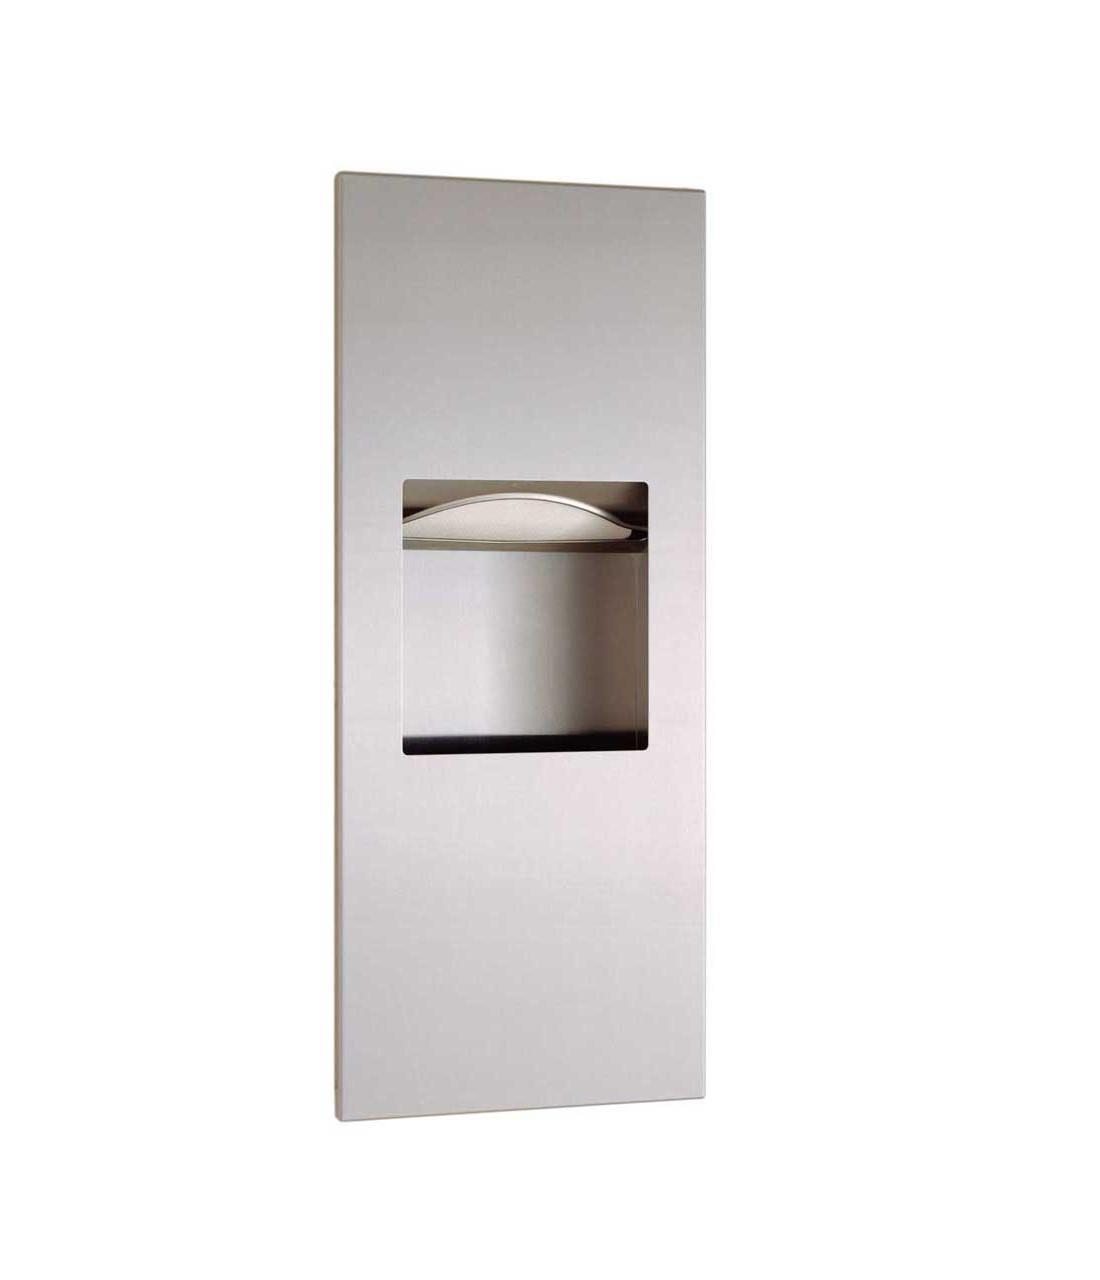 Bobrick B36903 Bobrick Paper Towel Dispenser Bobrick Stainless